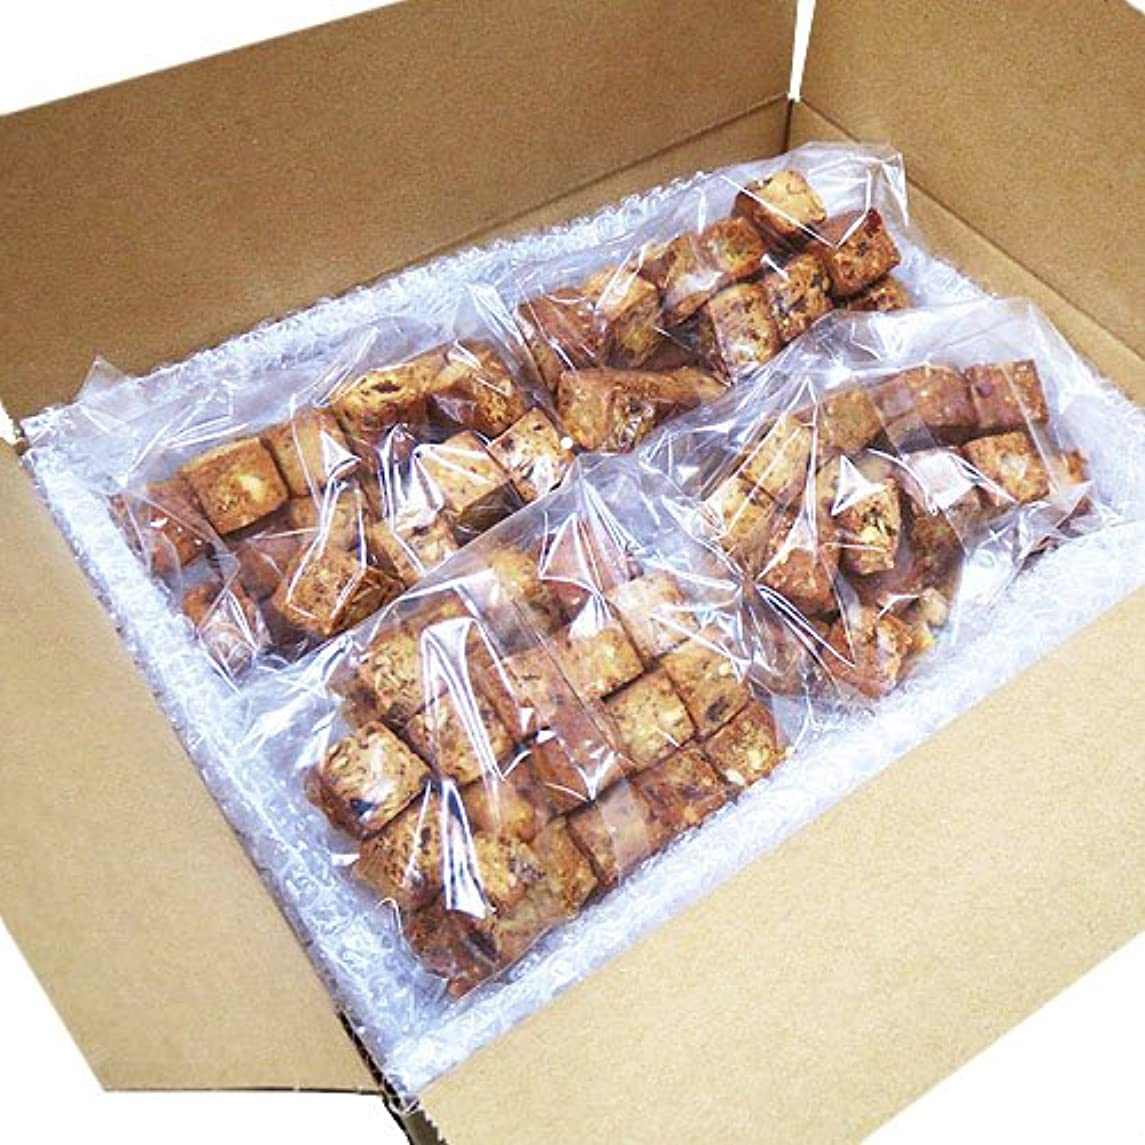 いたずら副産物空白蒲屋忠兵衛商店  大麦と果実のソイキューブ  800g(200g×4袋)